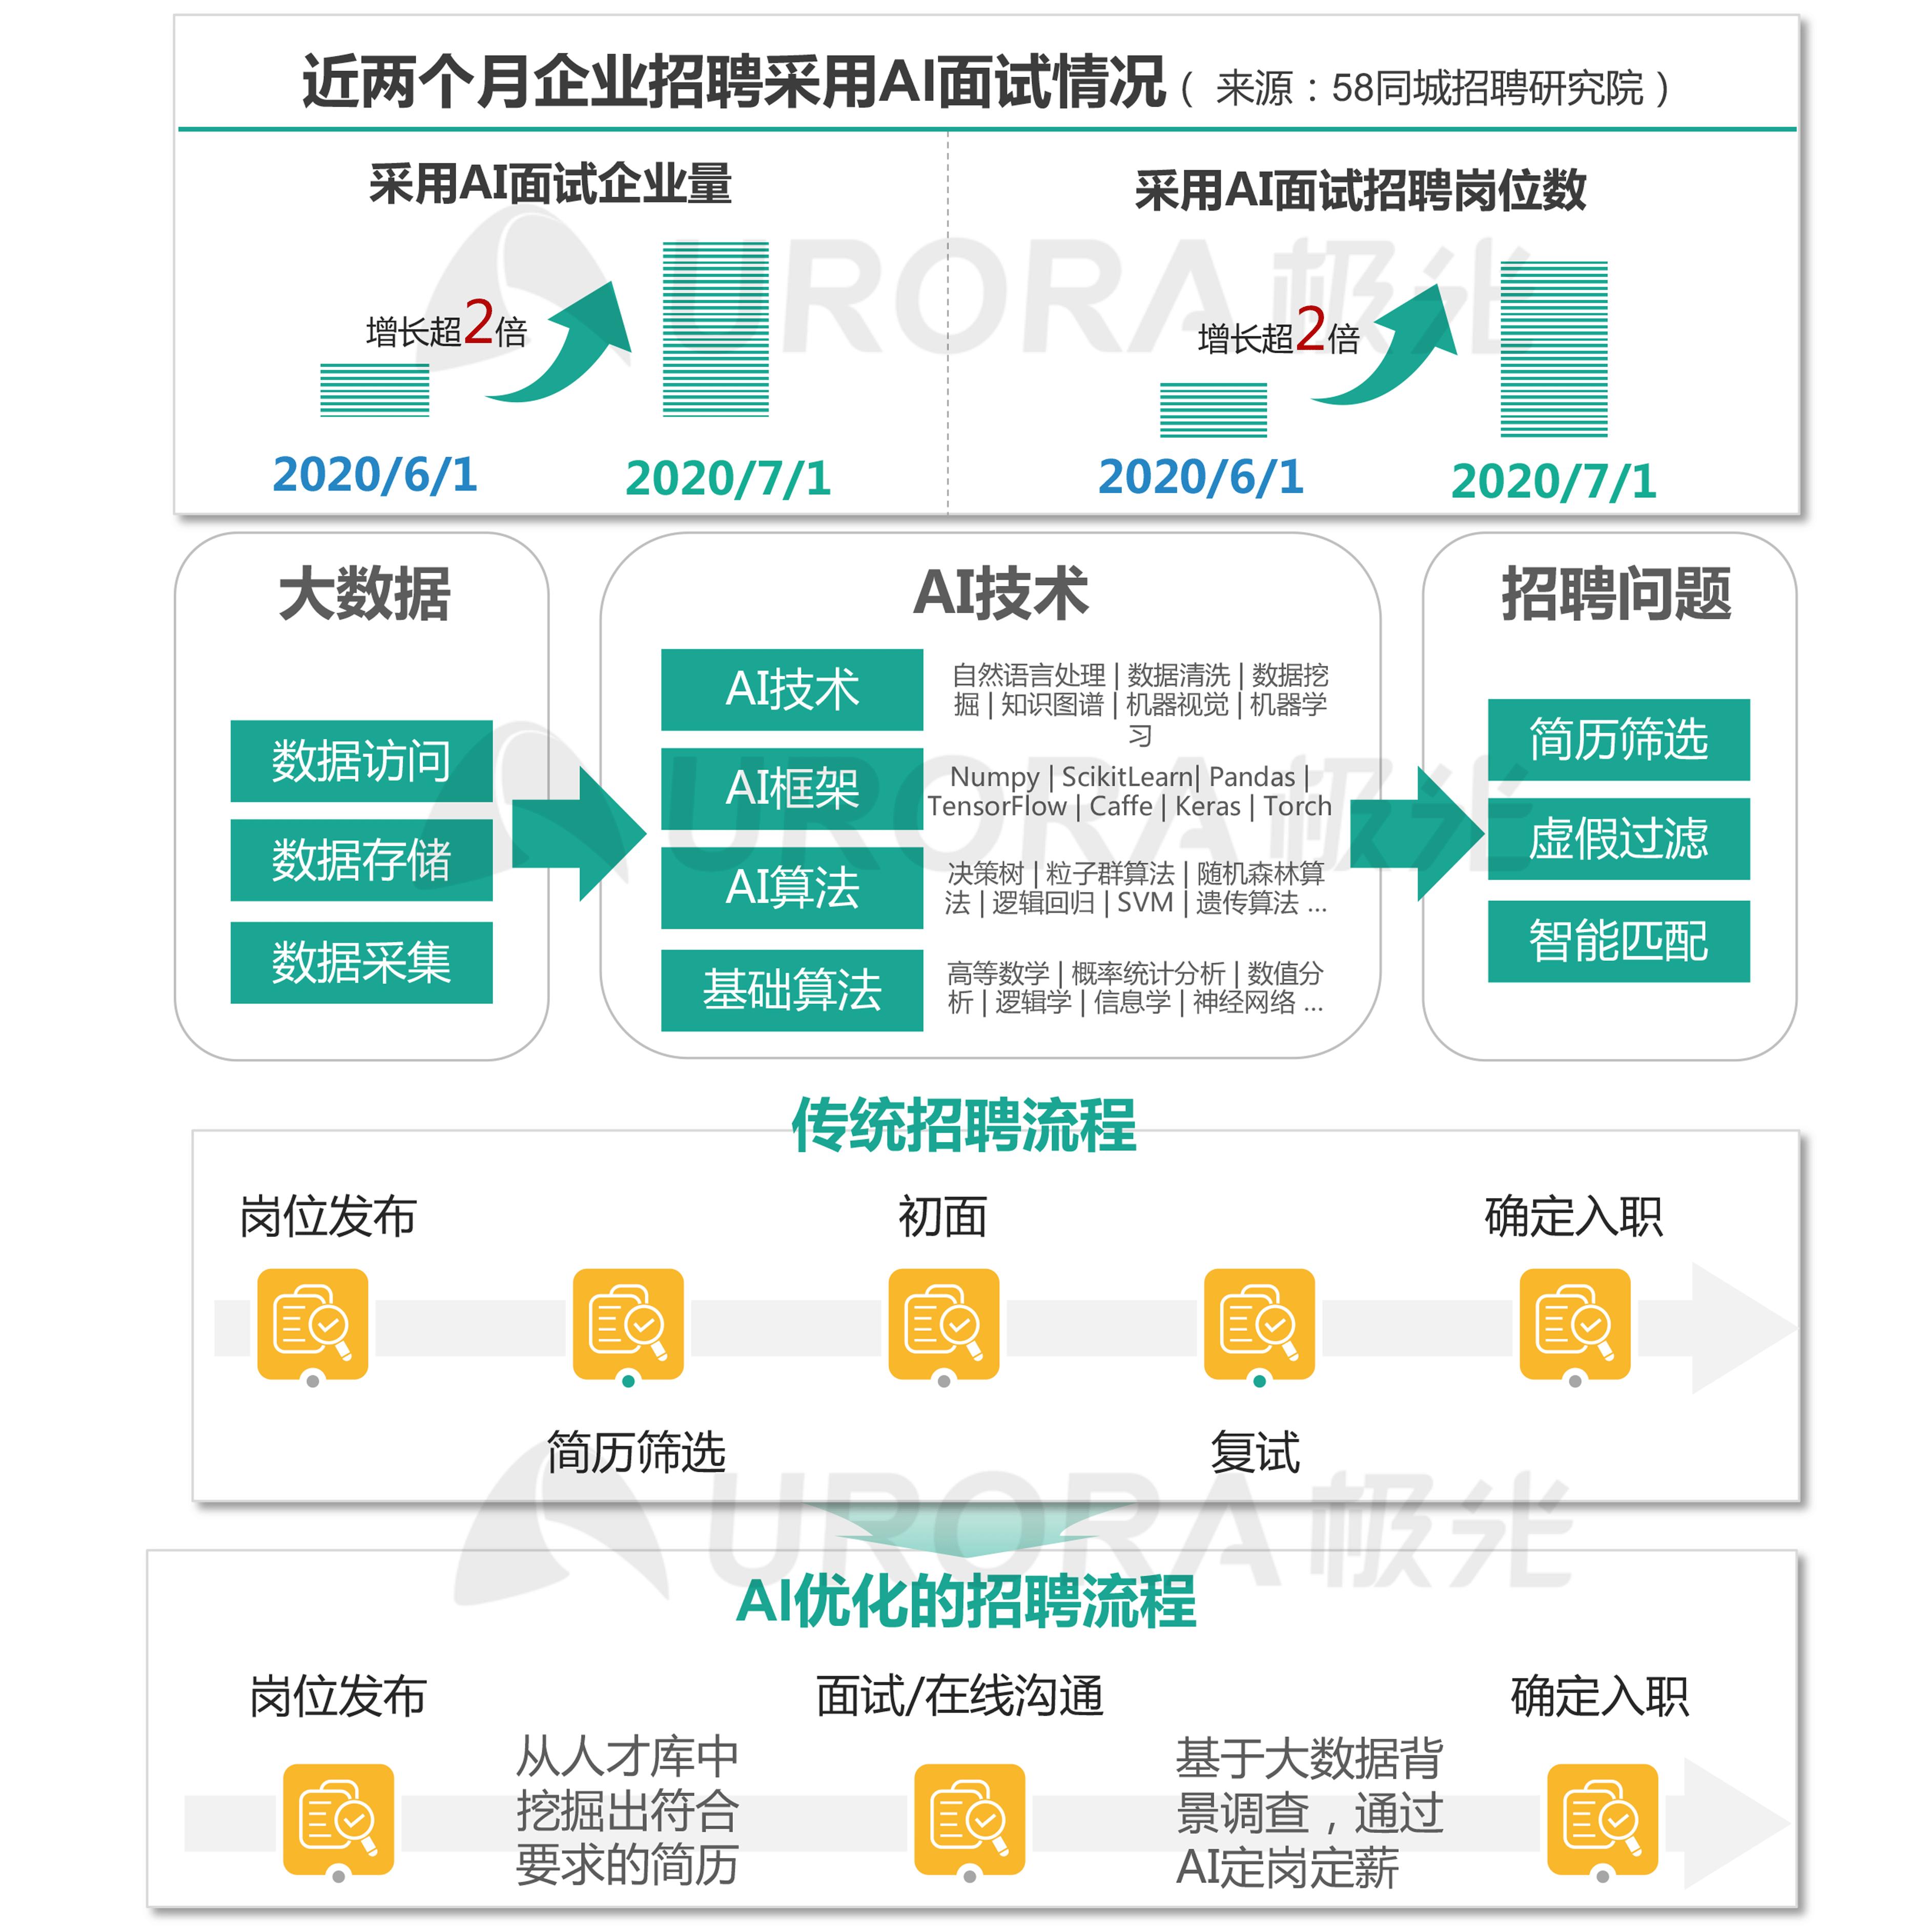 """""""超职季""""招聘行业报告-技术篇 (4).png"""